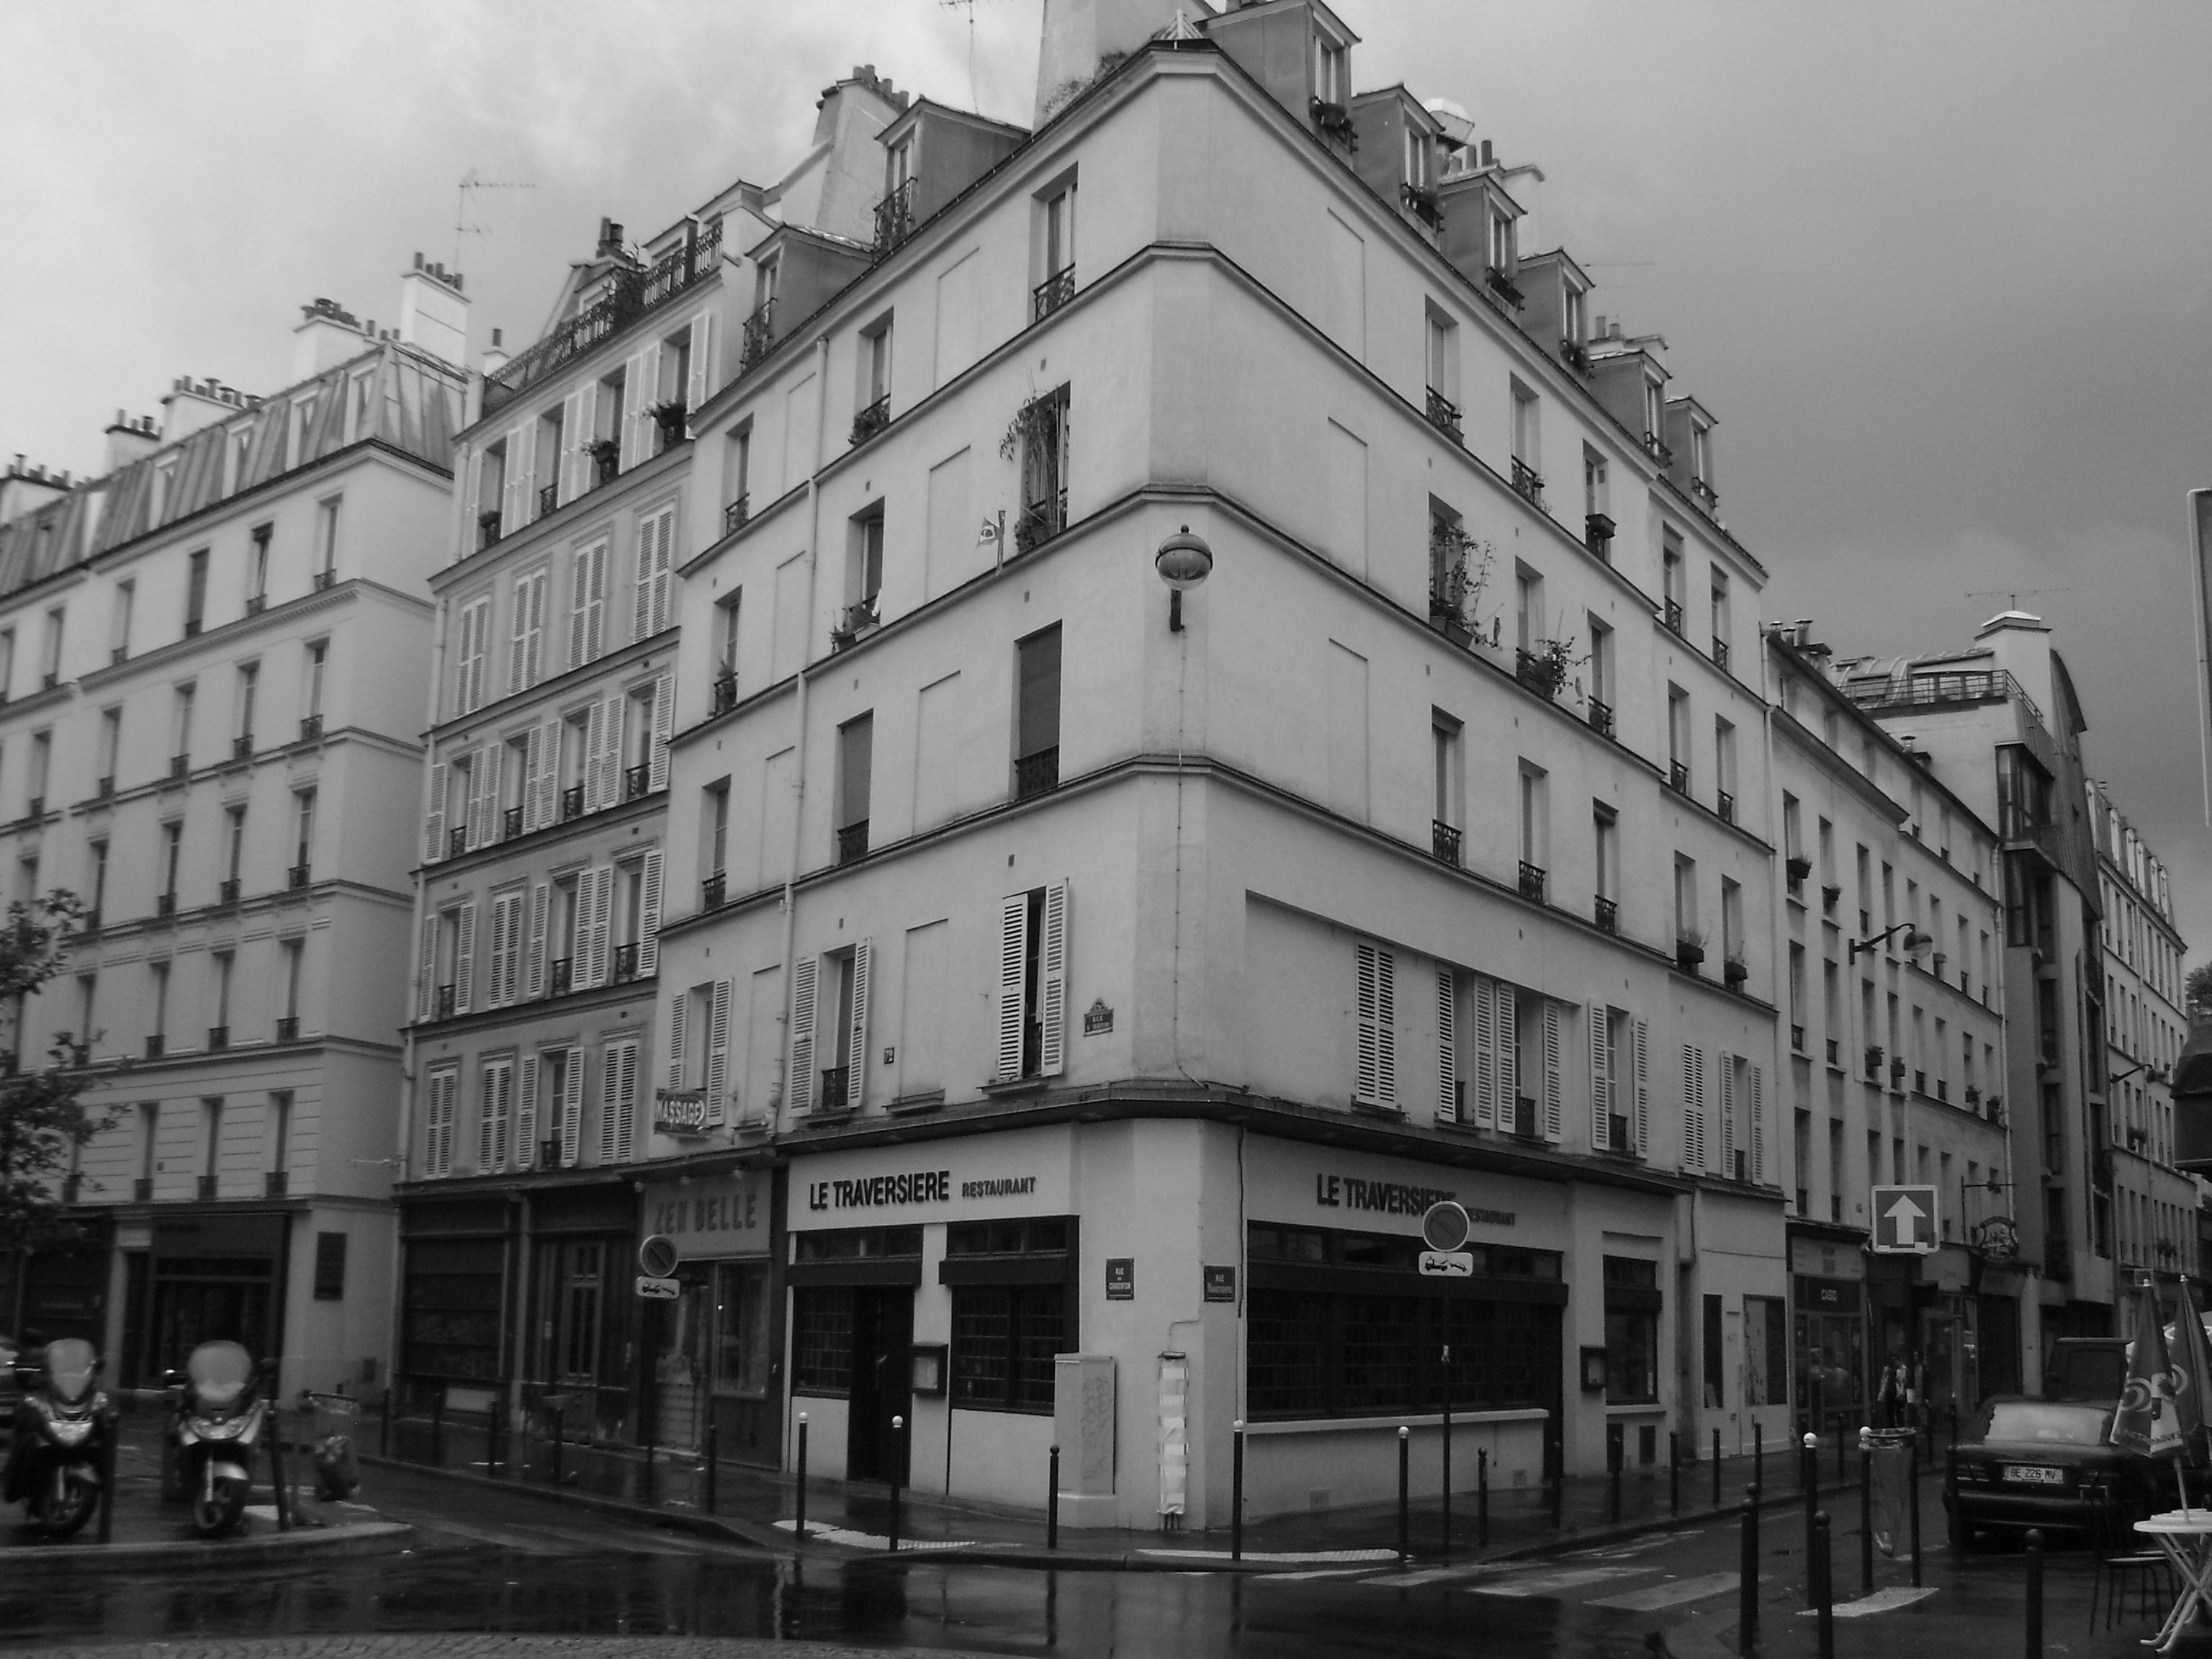 Parigi-10-mm